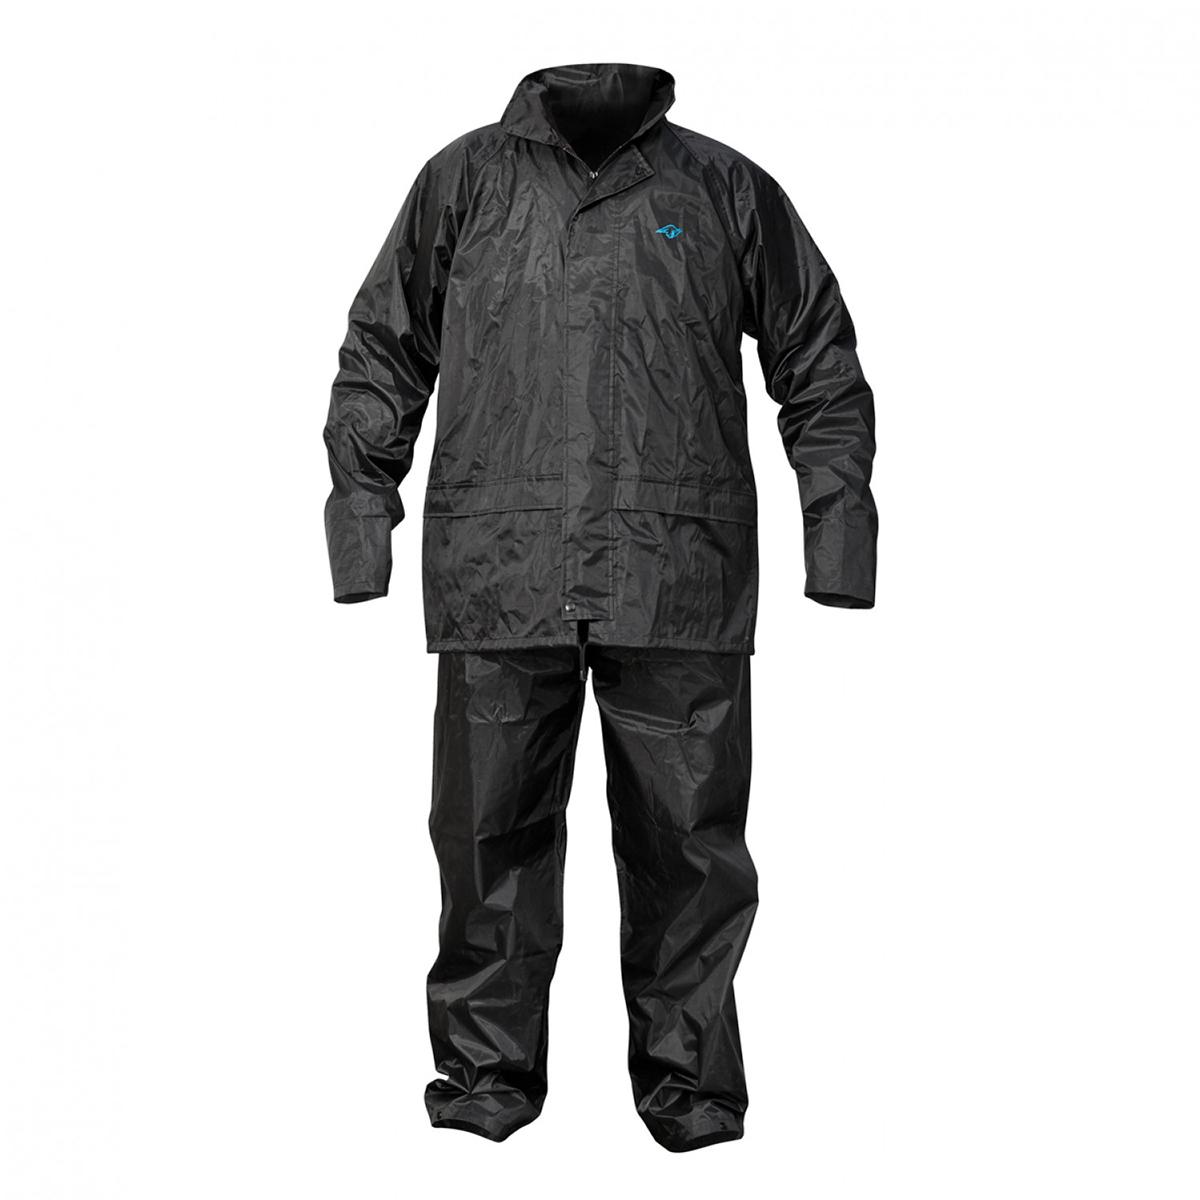 Waterproof Rainsuit - Black